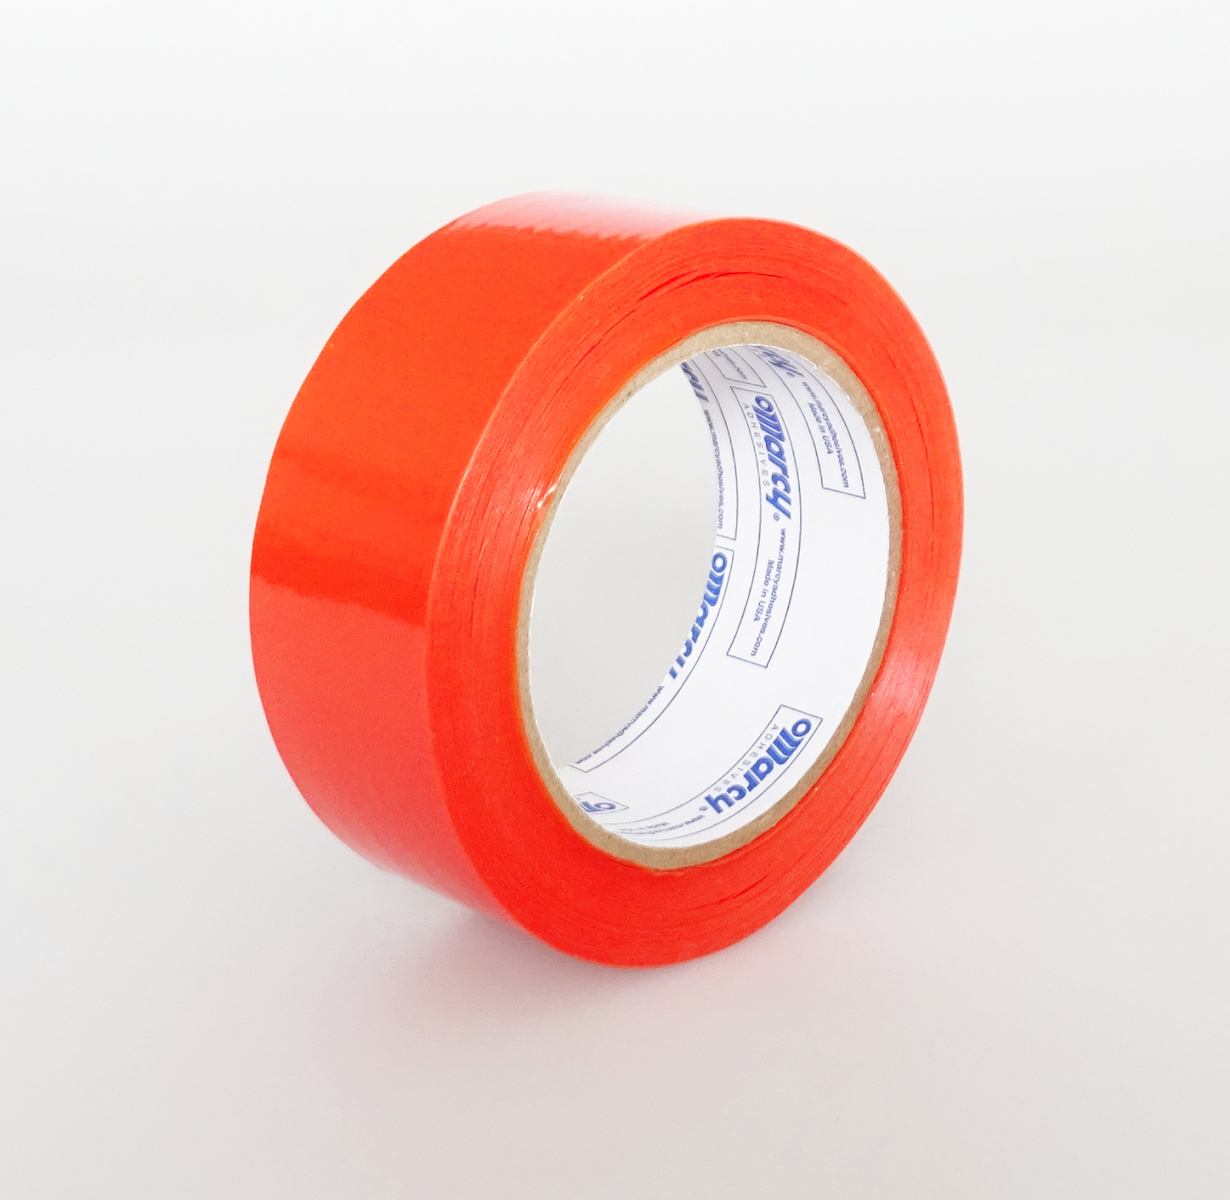 Montážní lepicí páska na autoskla, 38 mm x 33 m, perforovaná - ProGlass TPO-3833